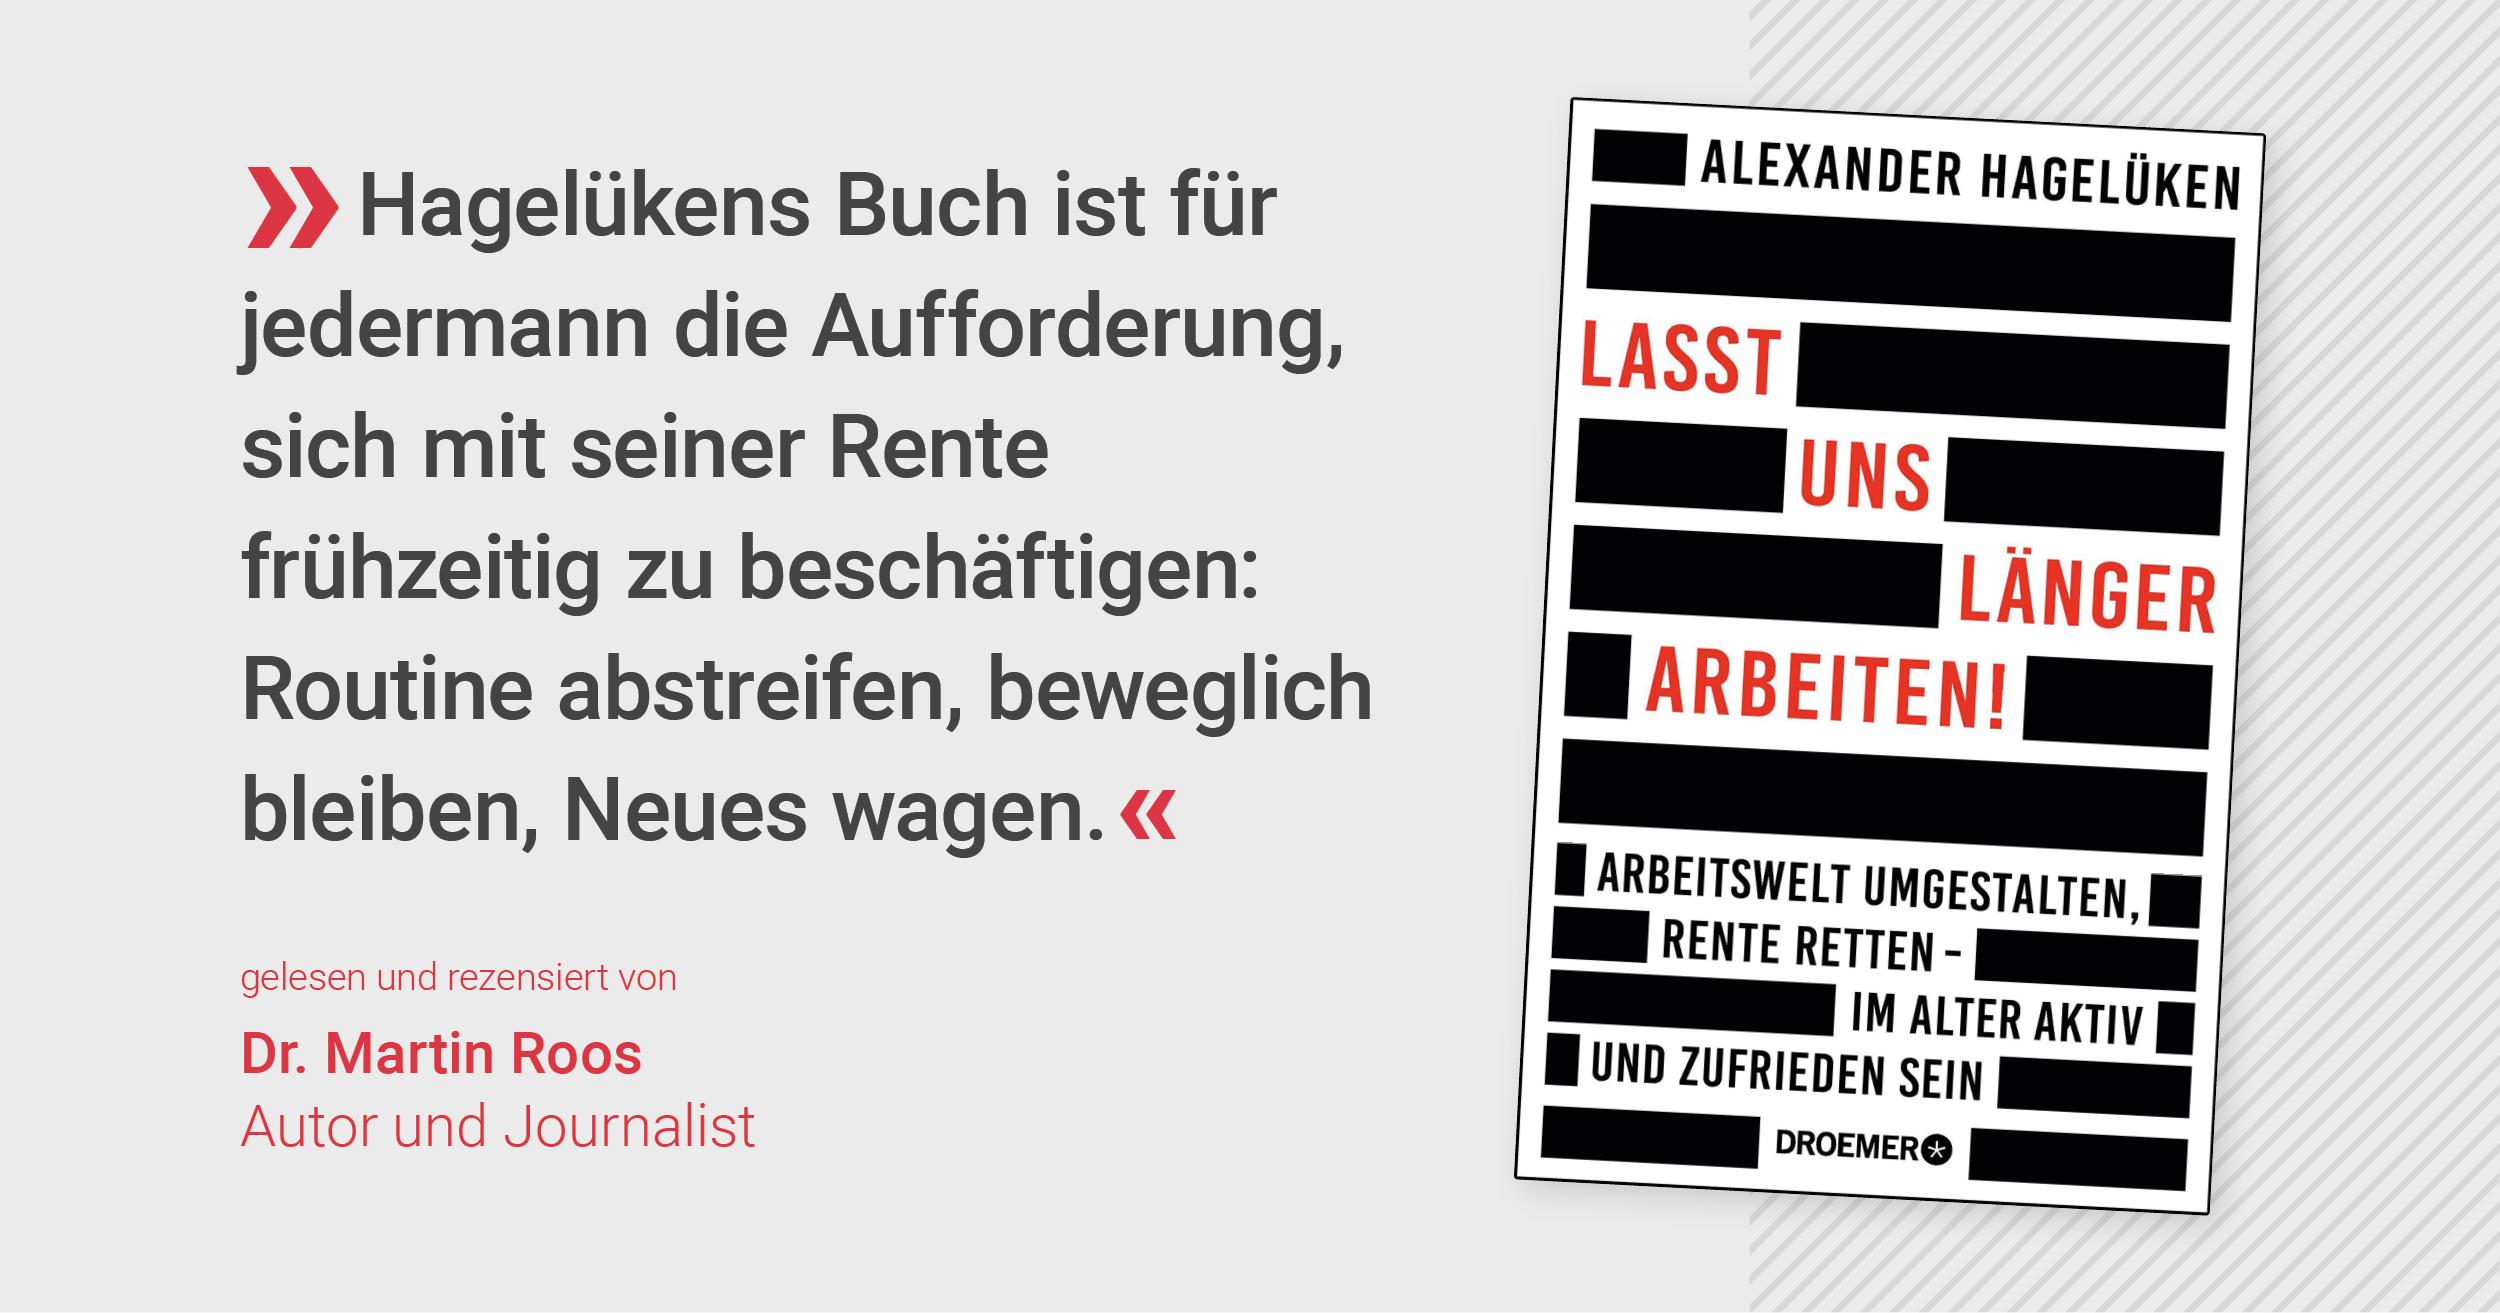 Hagelüken-Buch: Gute Renten-Reform ist möglich